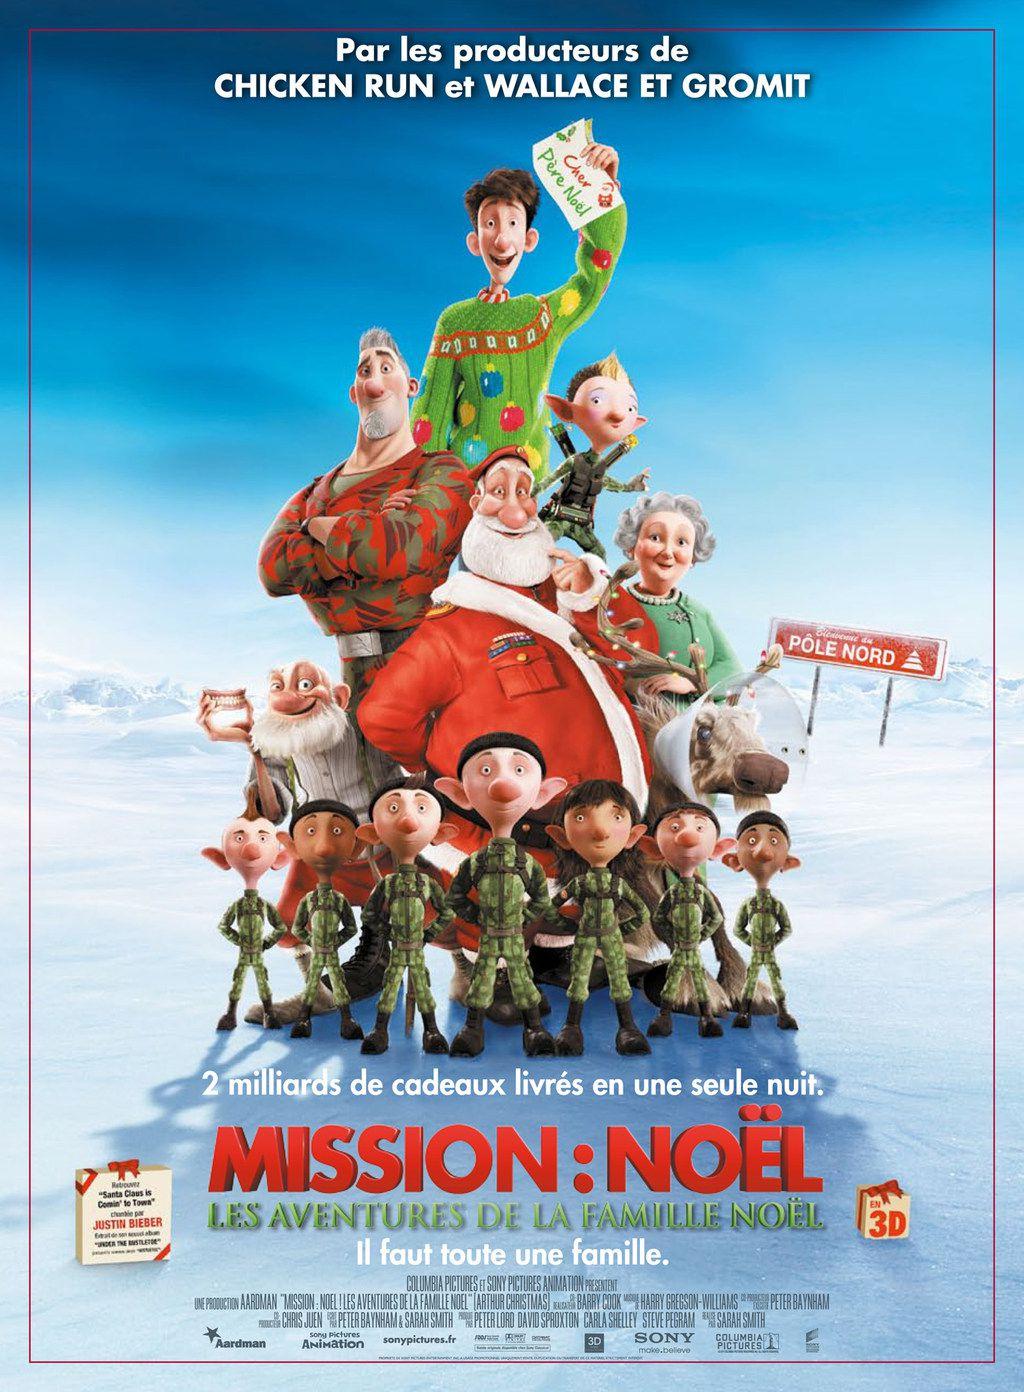 affiche du film Mission: Noël - Les aventures de la famille Noël